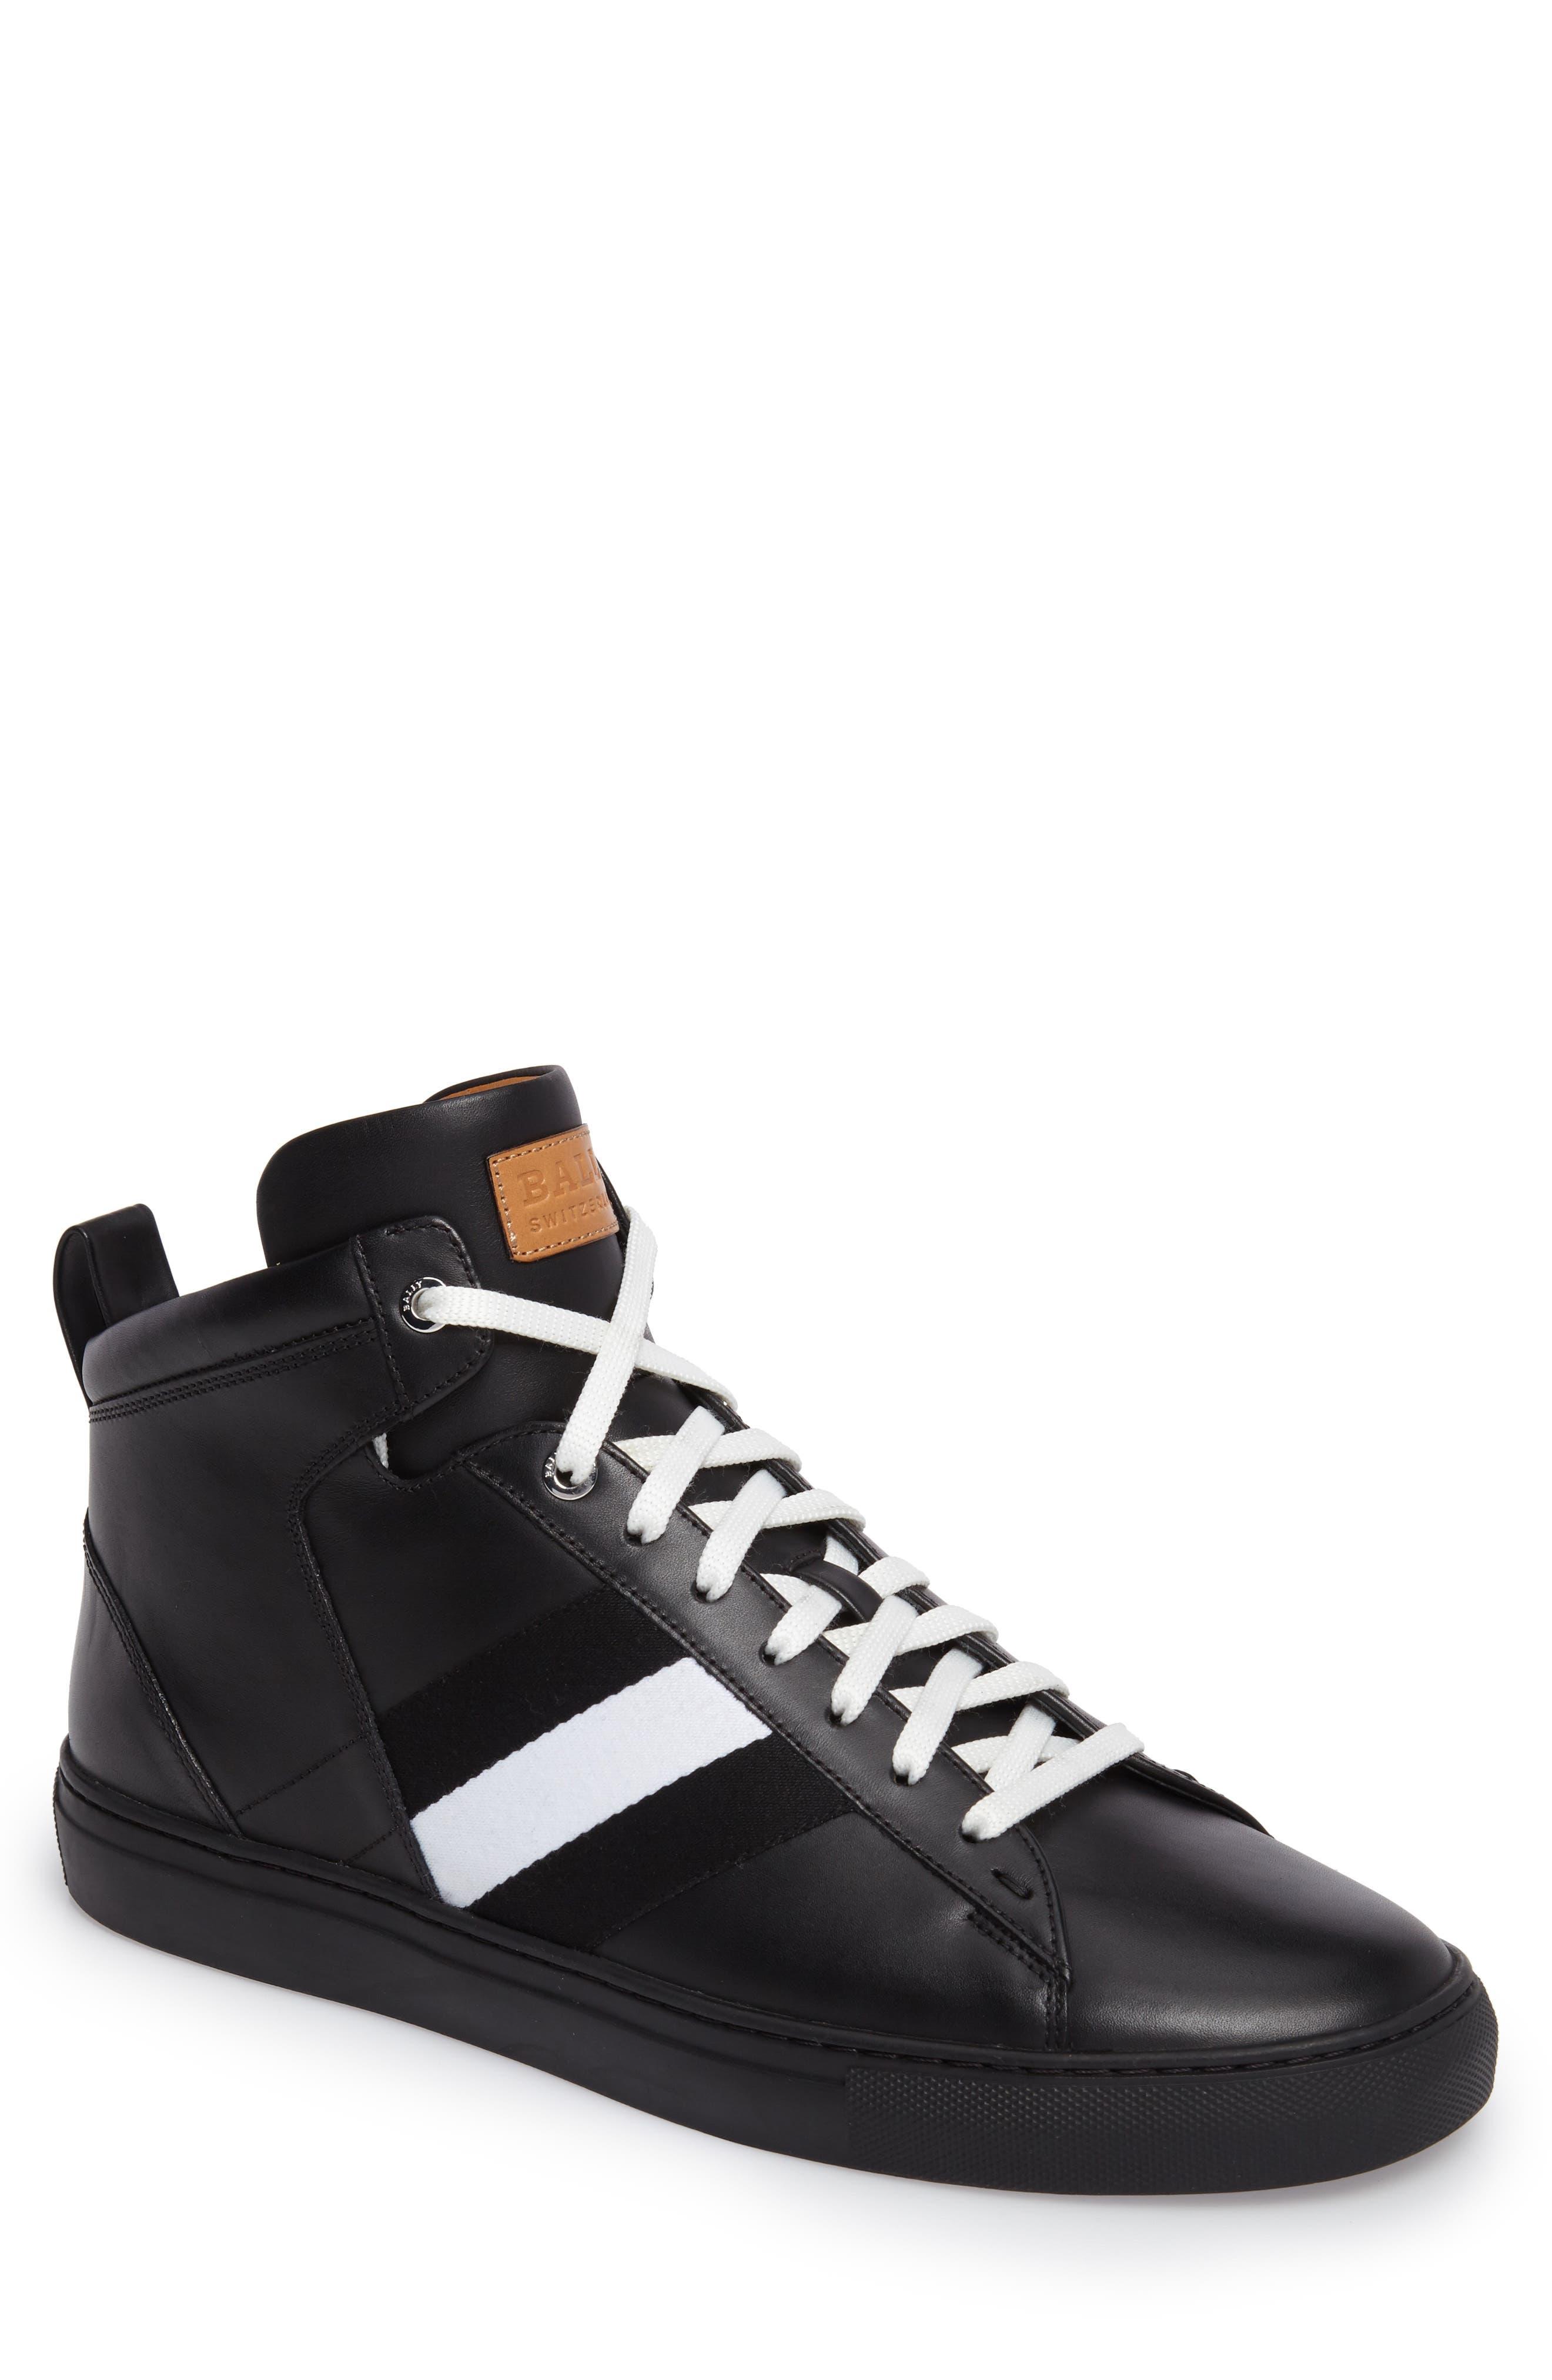 Sneakers for Women On Sale, Dark Rose, Velvet, 2017, 3 4 4.5 5.5 6 Santoni